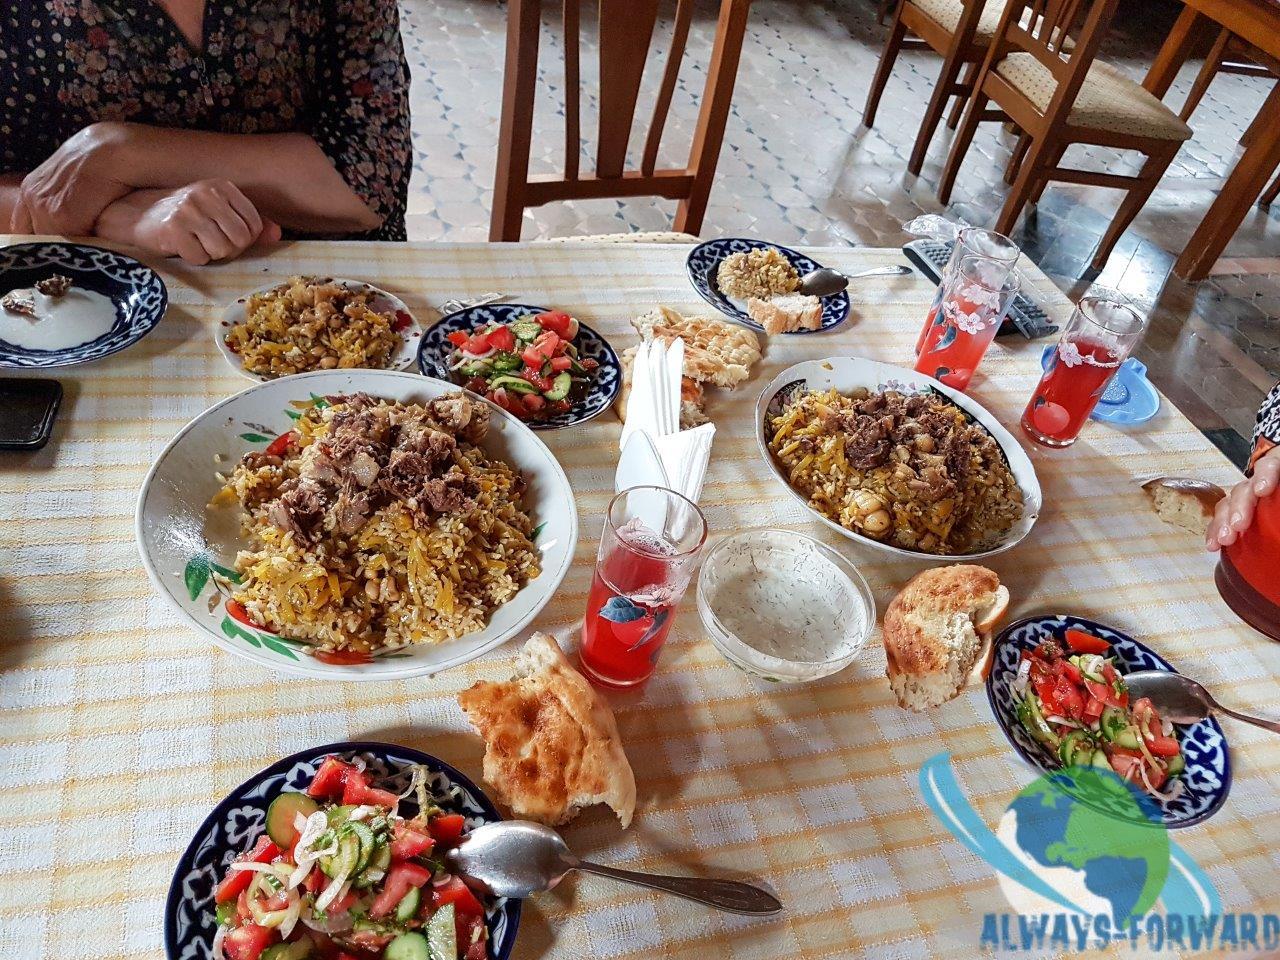 typisch Usbekisches Essen